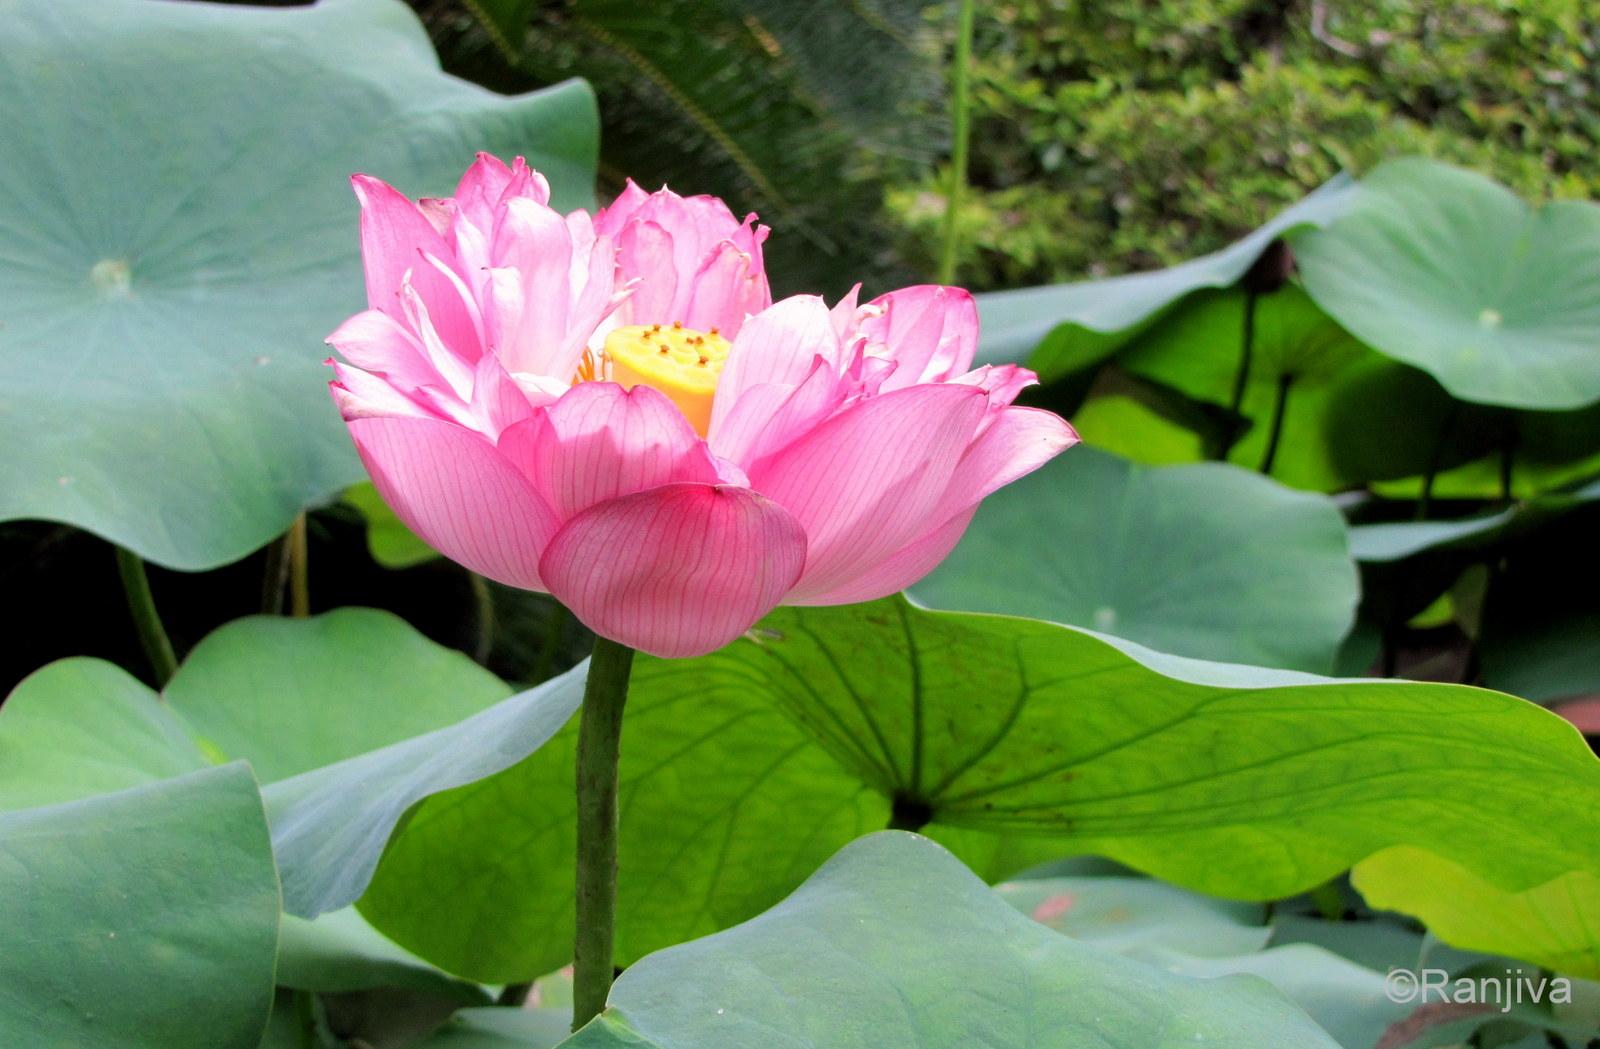 Le lotus une fleur enchanteresse paysages et fleurs au fil de l 39 eau - Image fleur de lotus ...